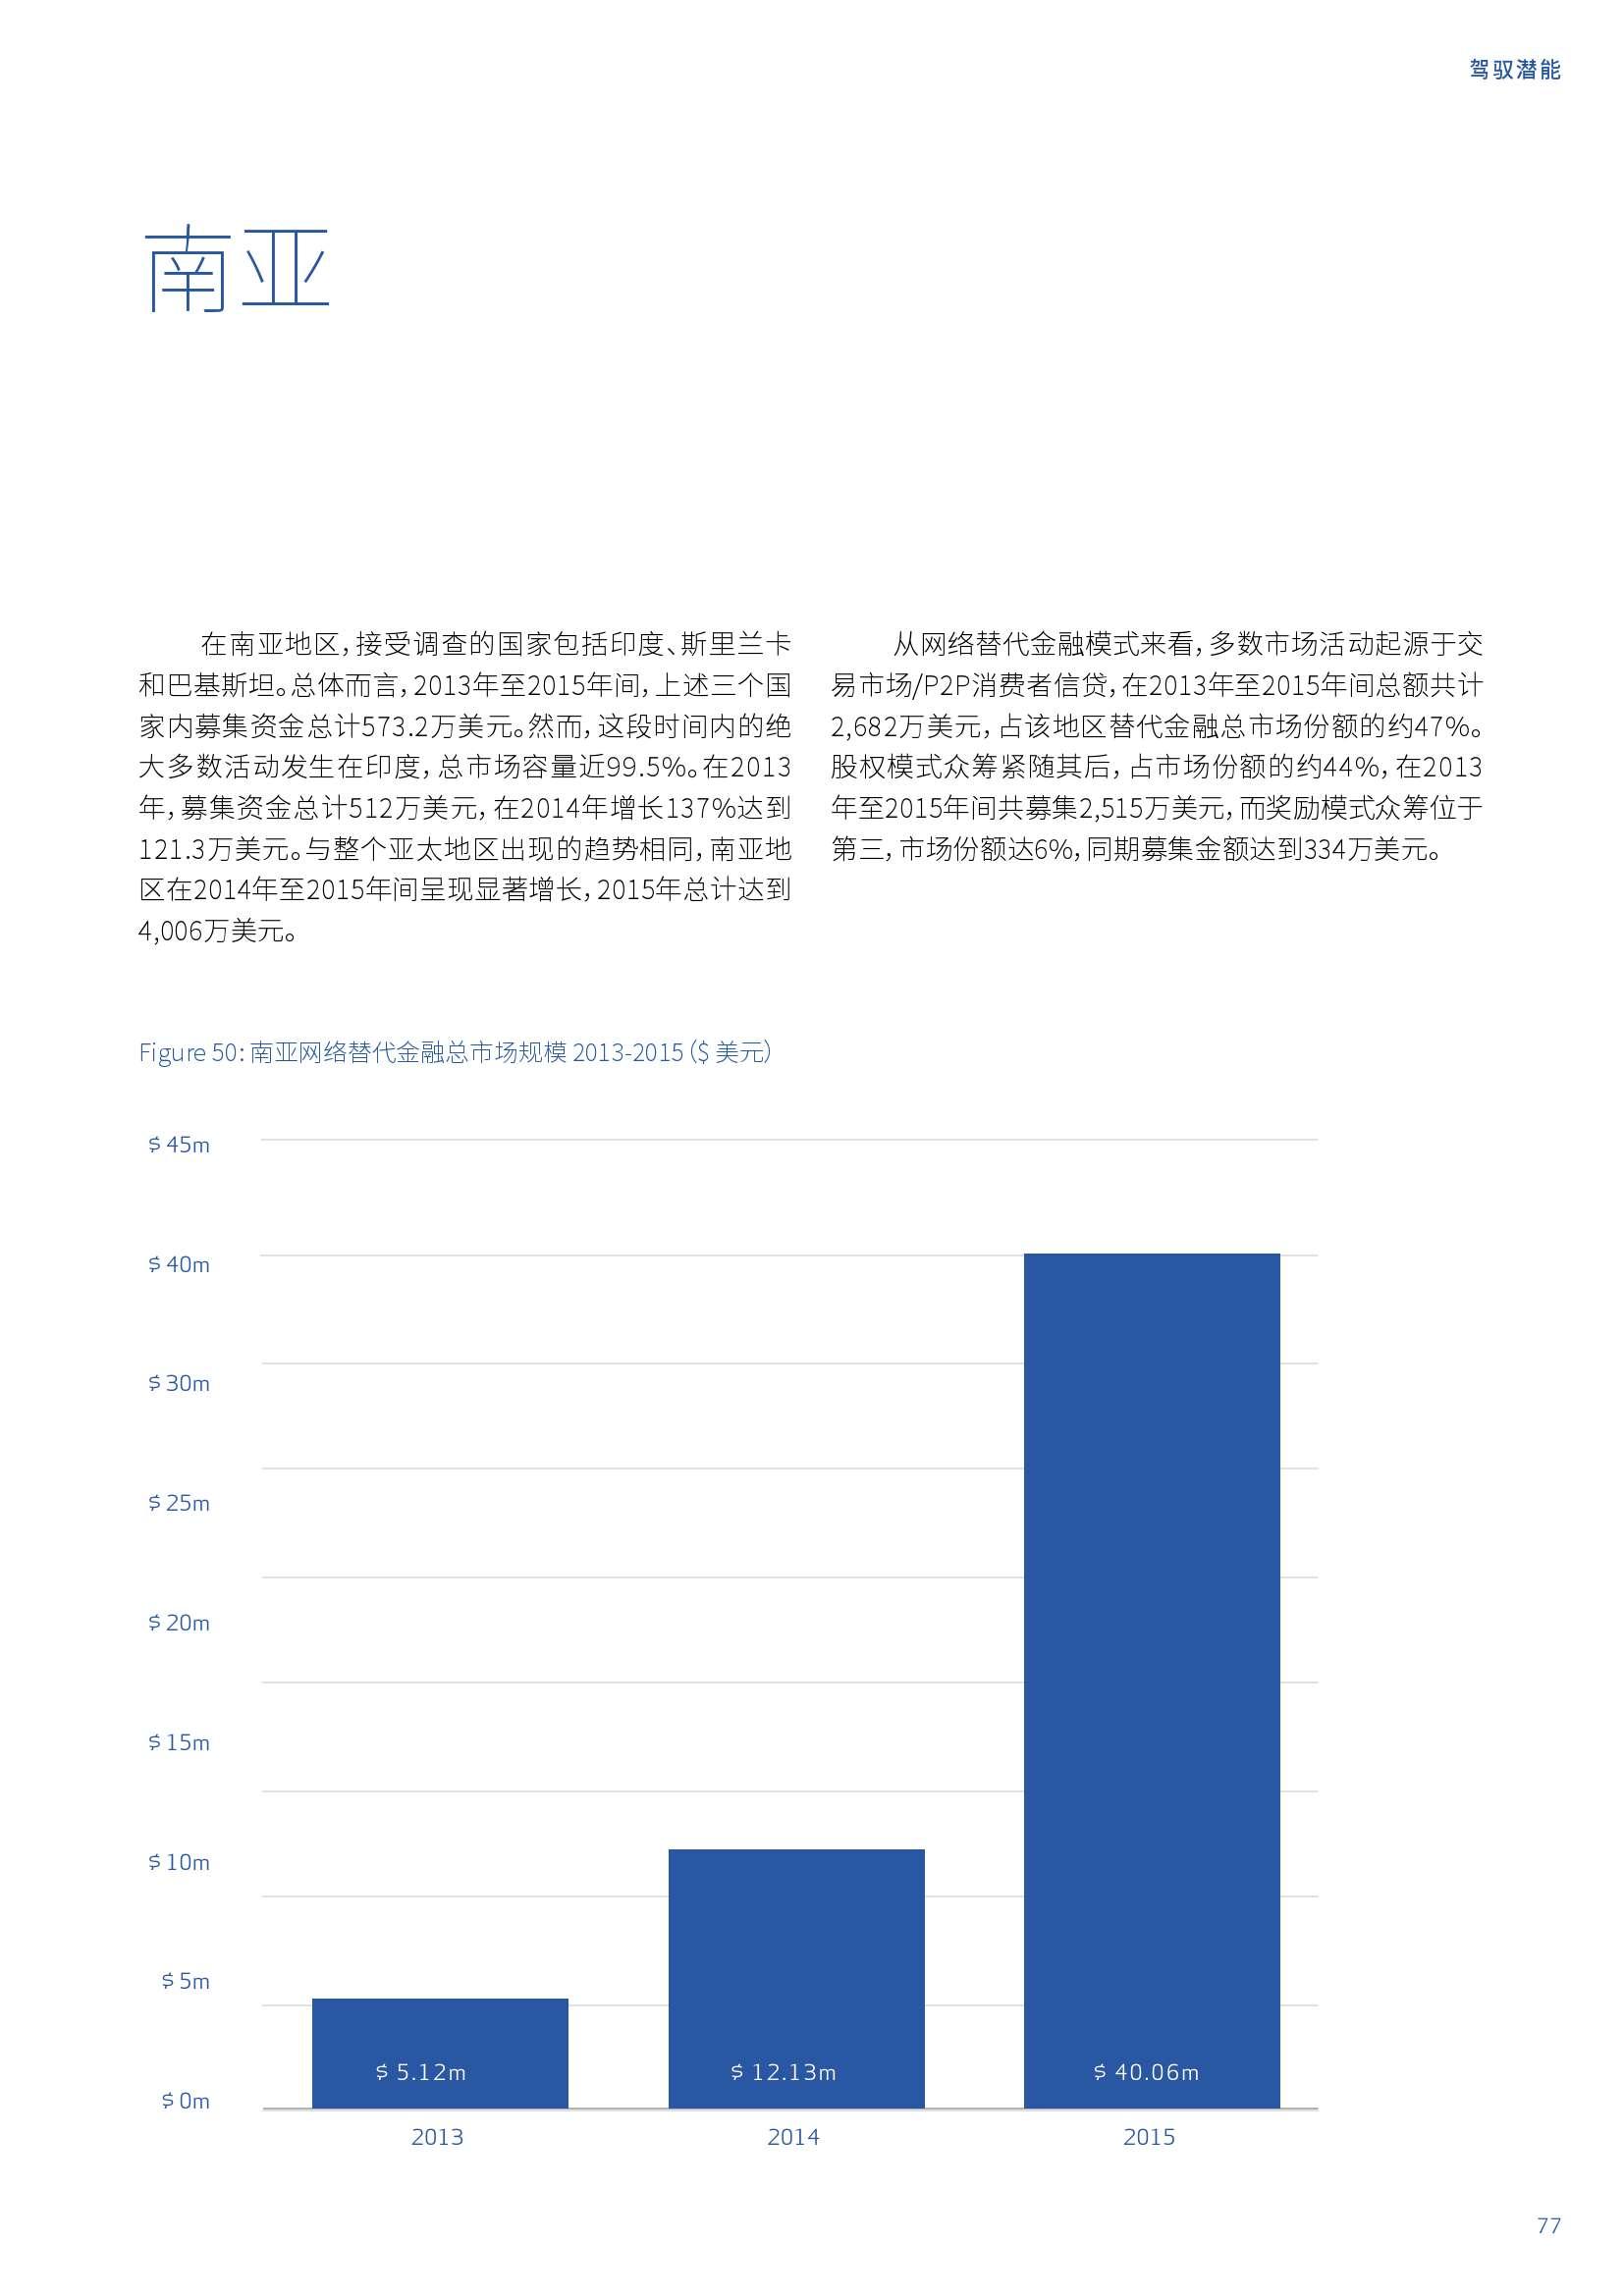 亚太地区网络替代金融基准报告_000077